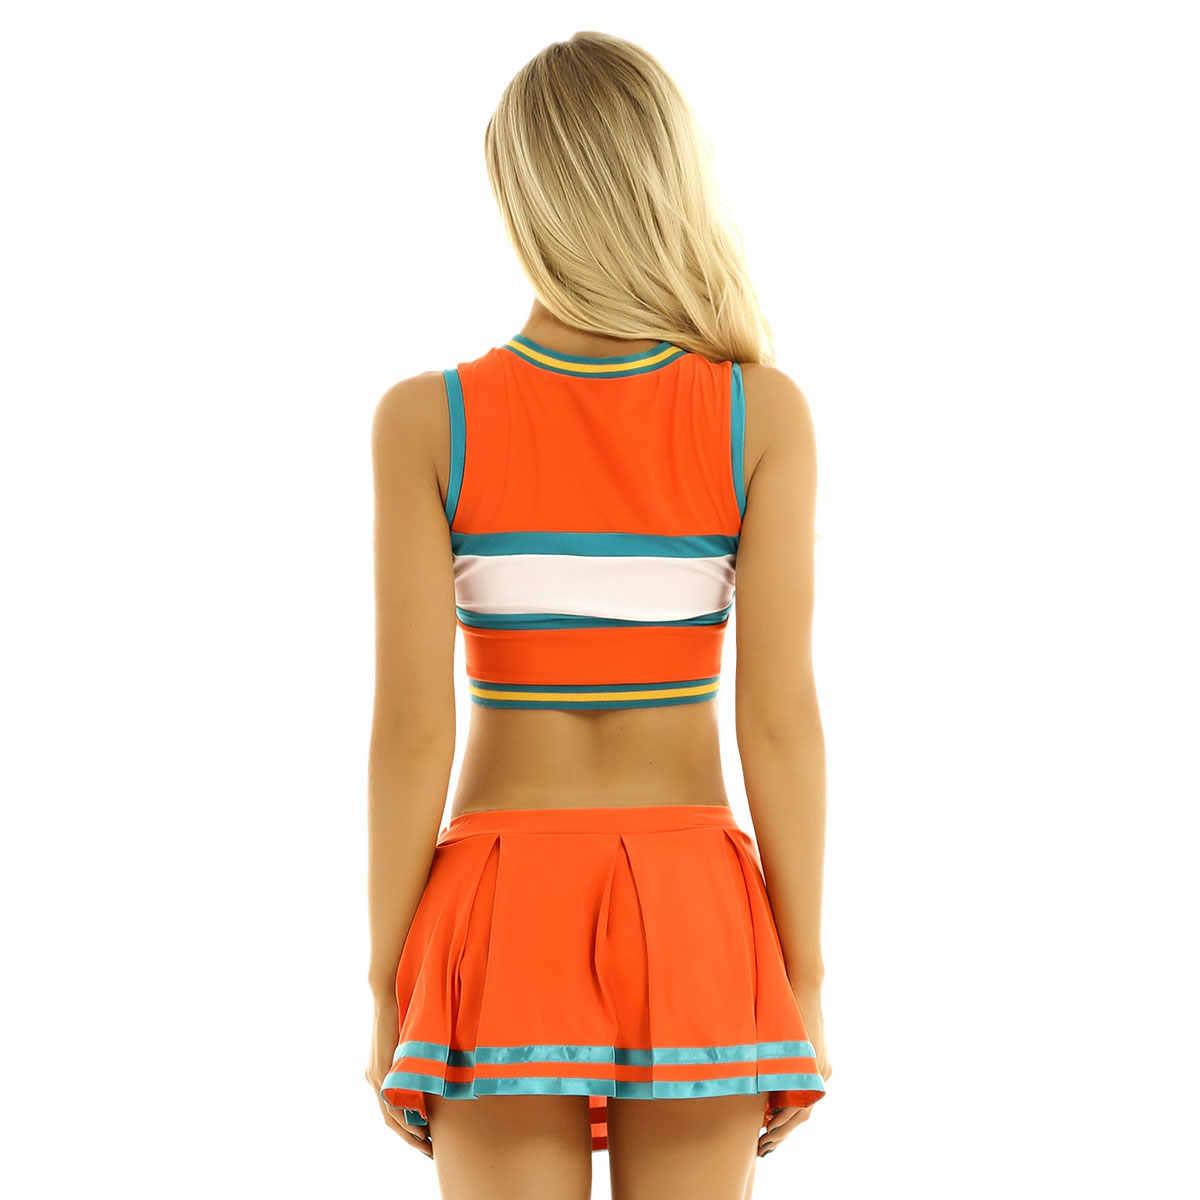 Frauen Cheerleading Sport Uniform Cheerleader Kostüm Cosplay Outfit Ärmel Crop Top mit Mini Plissee Rock für Tanzen